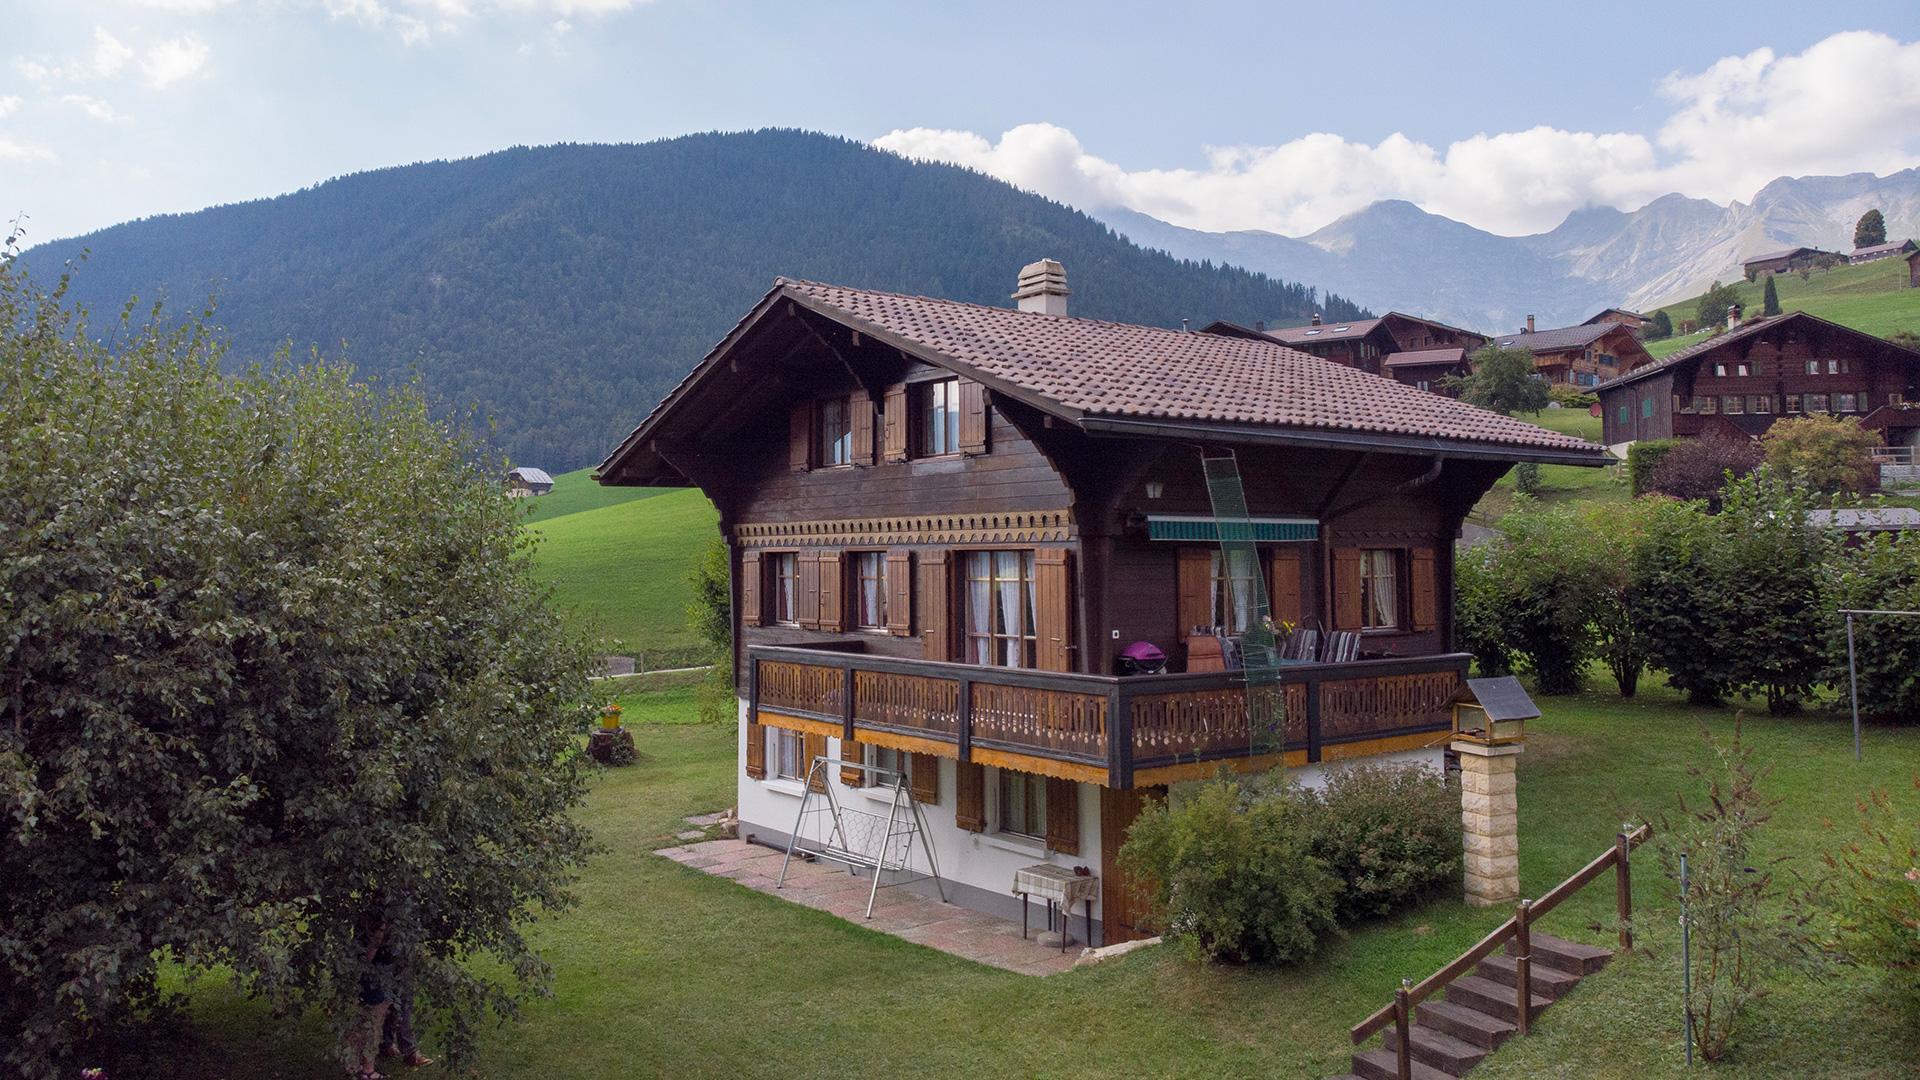 Chalet Flendruz Chalet, Switzerland